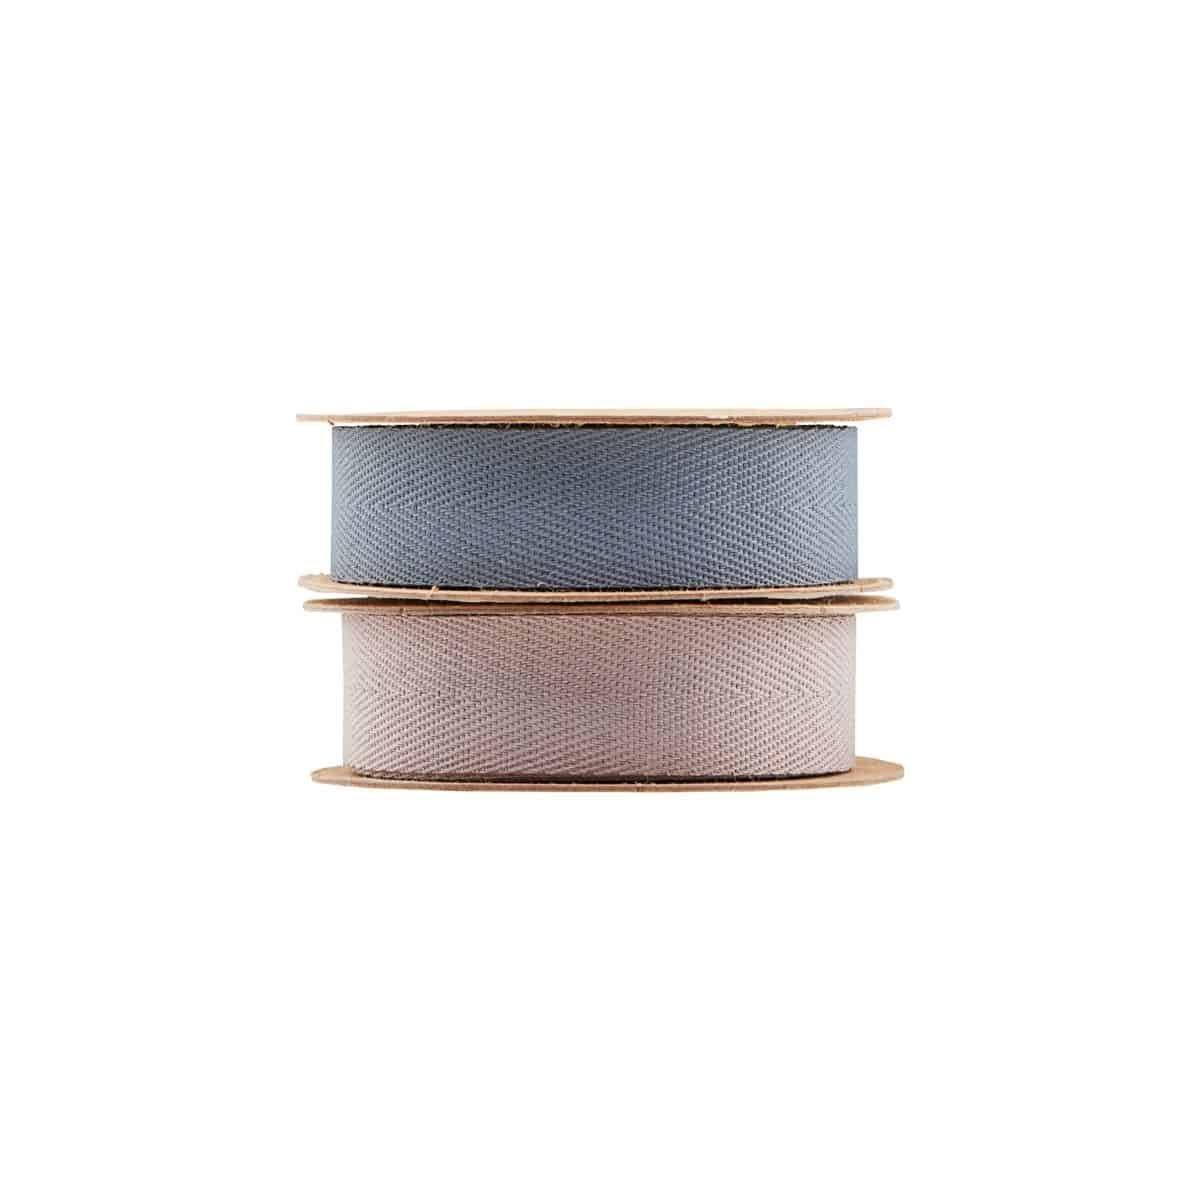 Sada 4 ks: Stuhy Herrinbone – hnědá, modrá – 2 ks